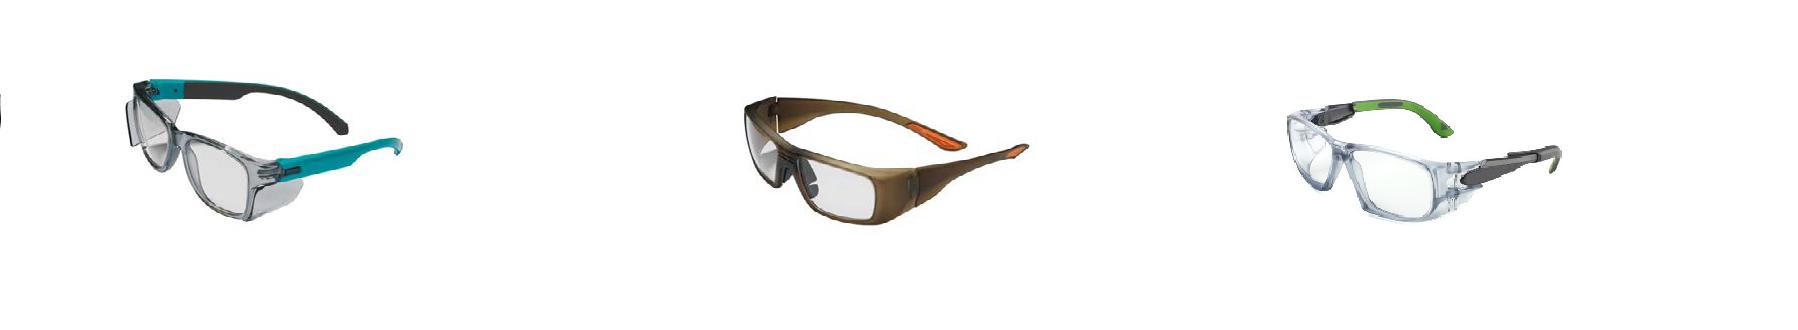 Lunettes de protection a la vue visionalis